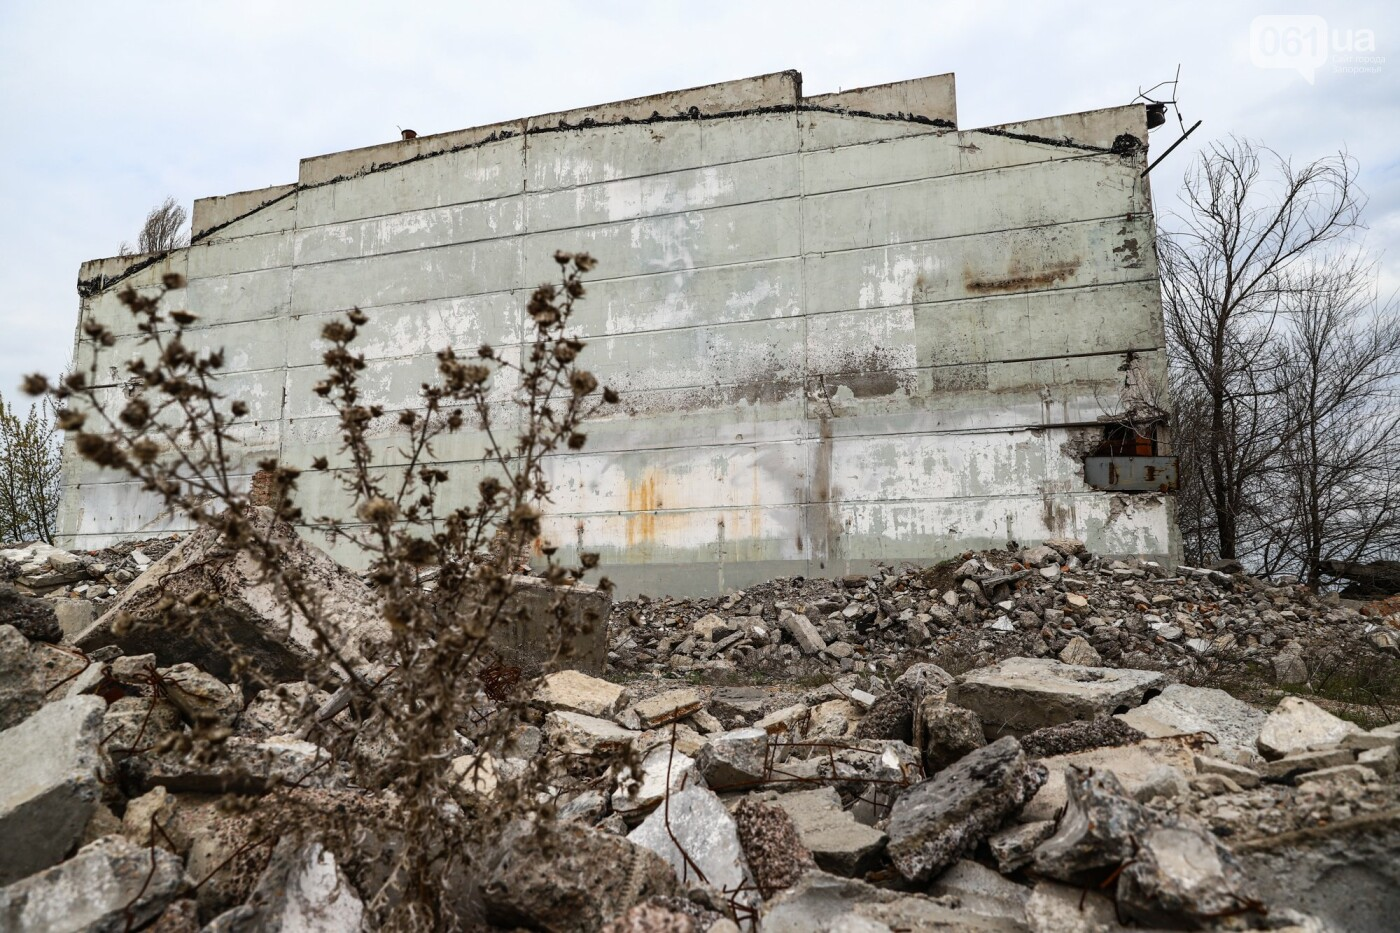 Монтаж первого пролета вантового моста, транспортный локдаун и репортаж из заброшенной шахты: апрель в фотографиях, фото-79